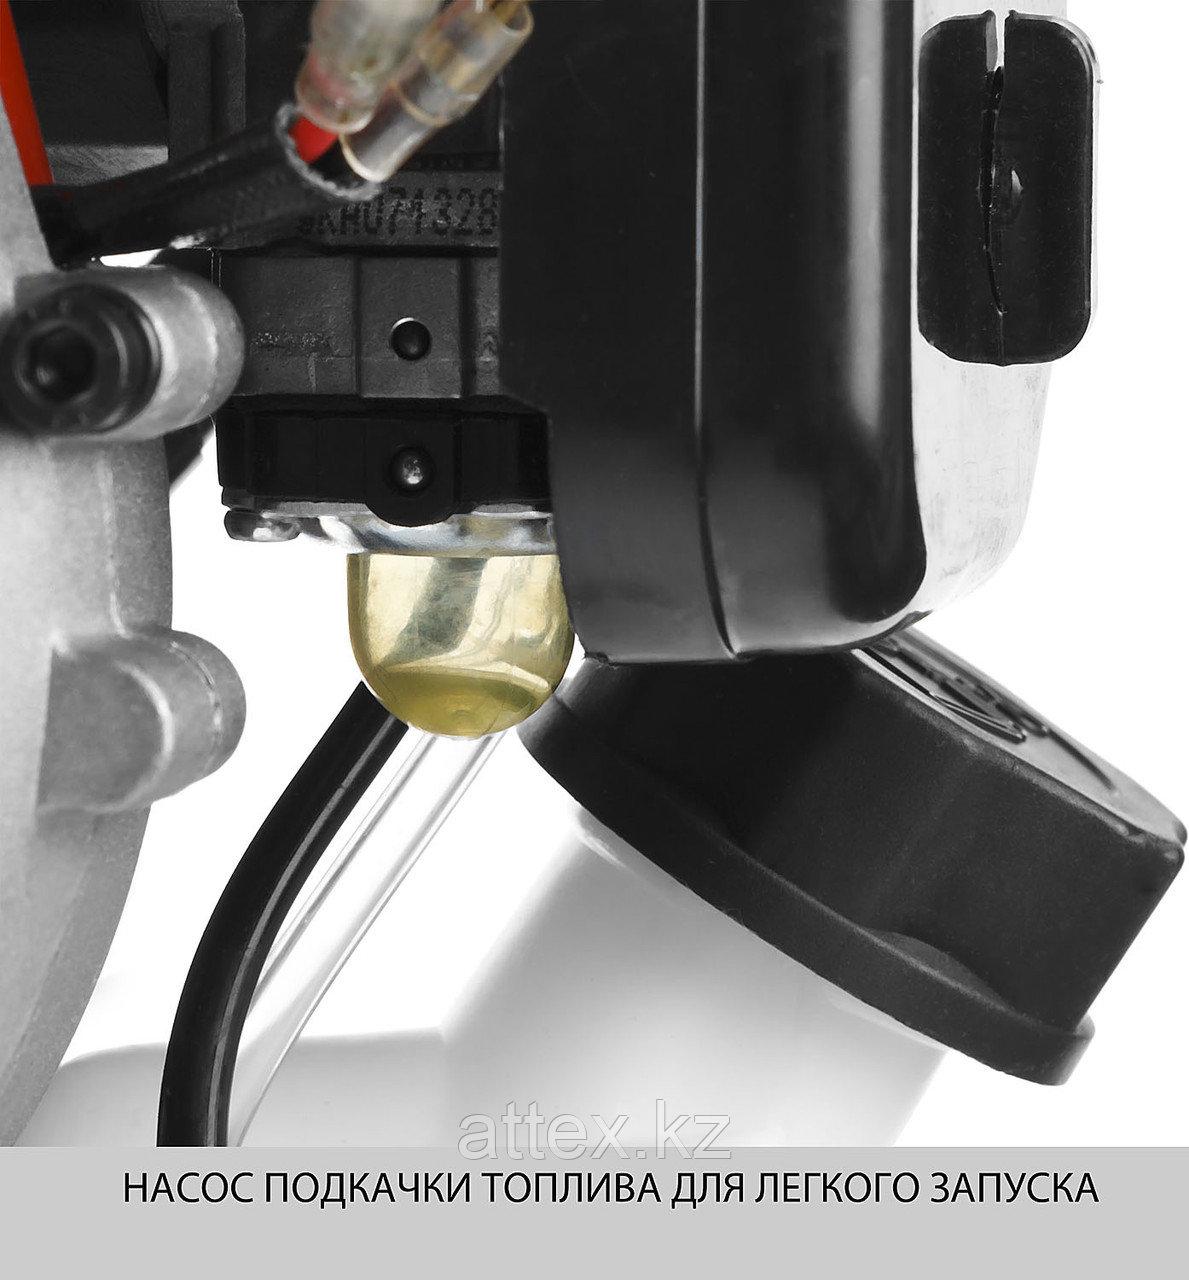 Триммер бензиновый, ЗУБР, МАСТЕР, ТБ-250 Зубр - фото 4